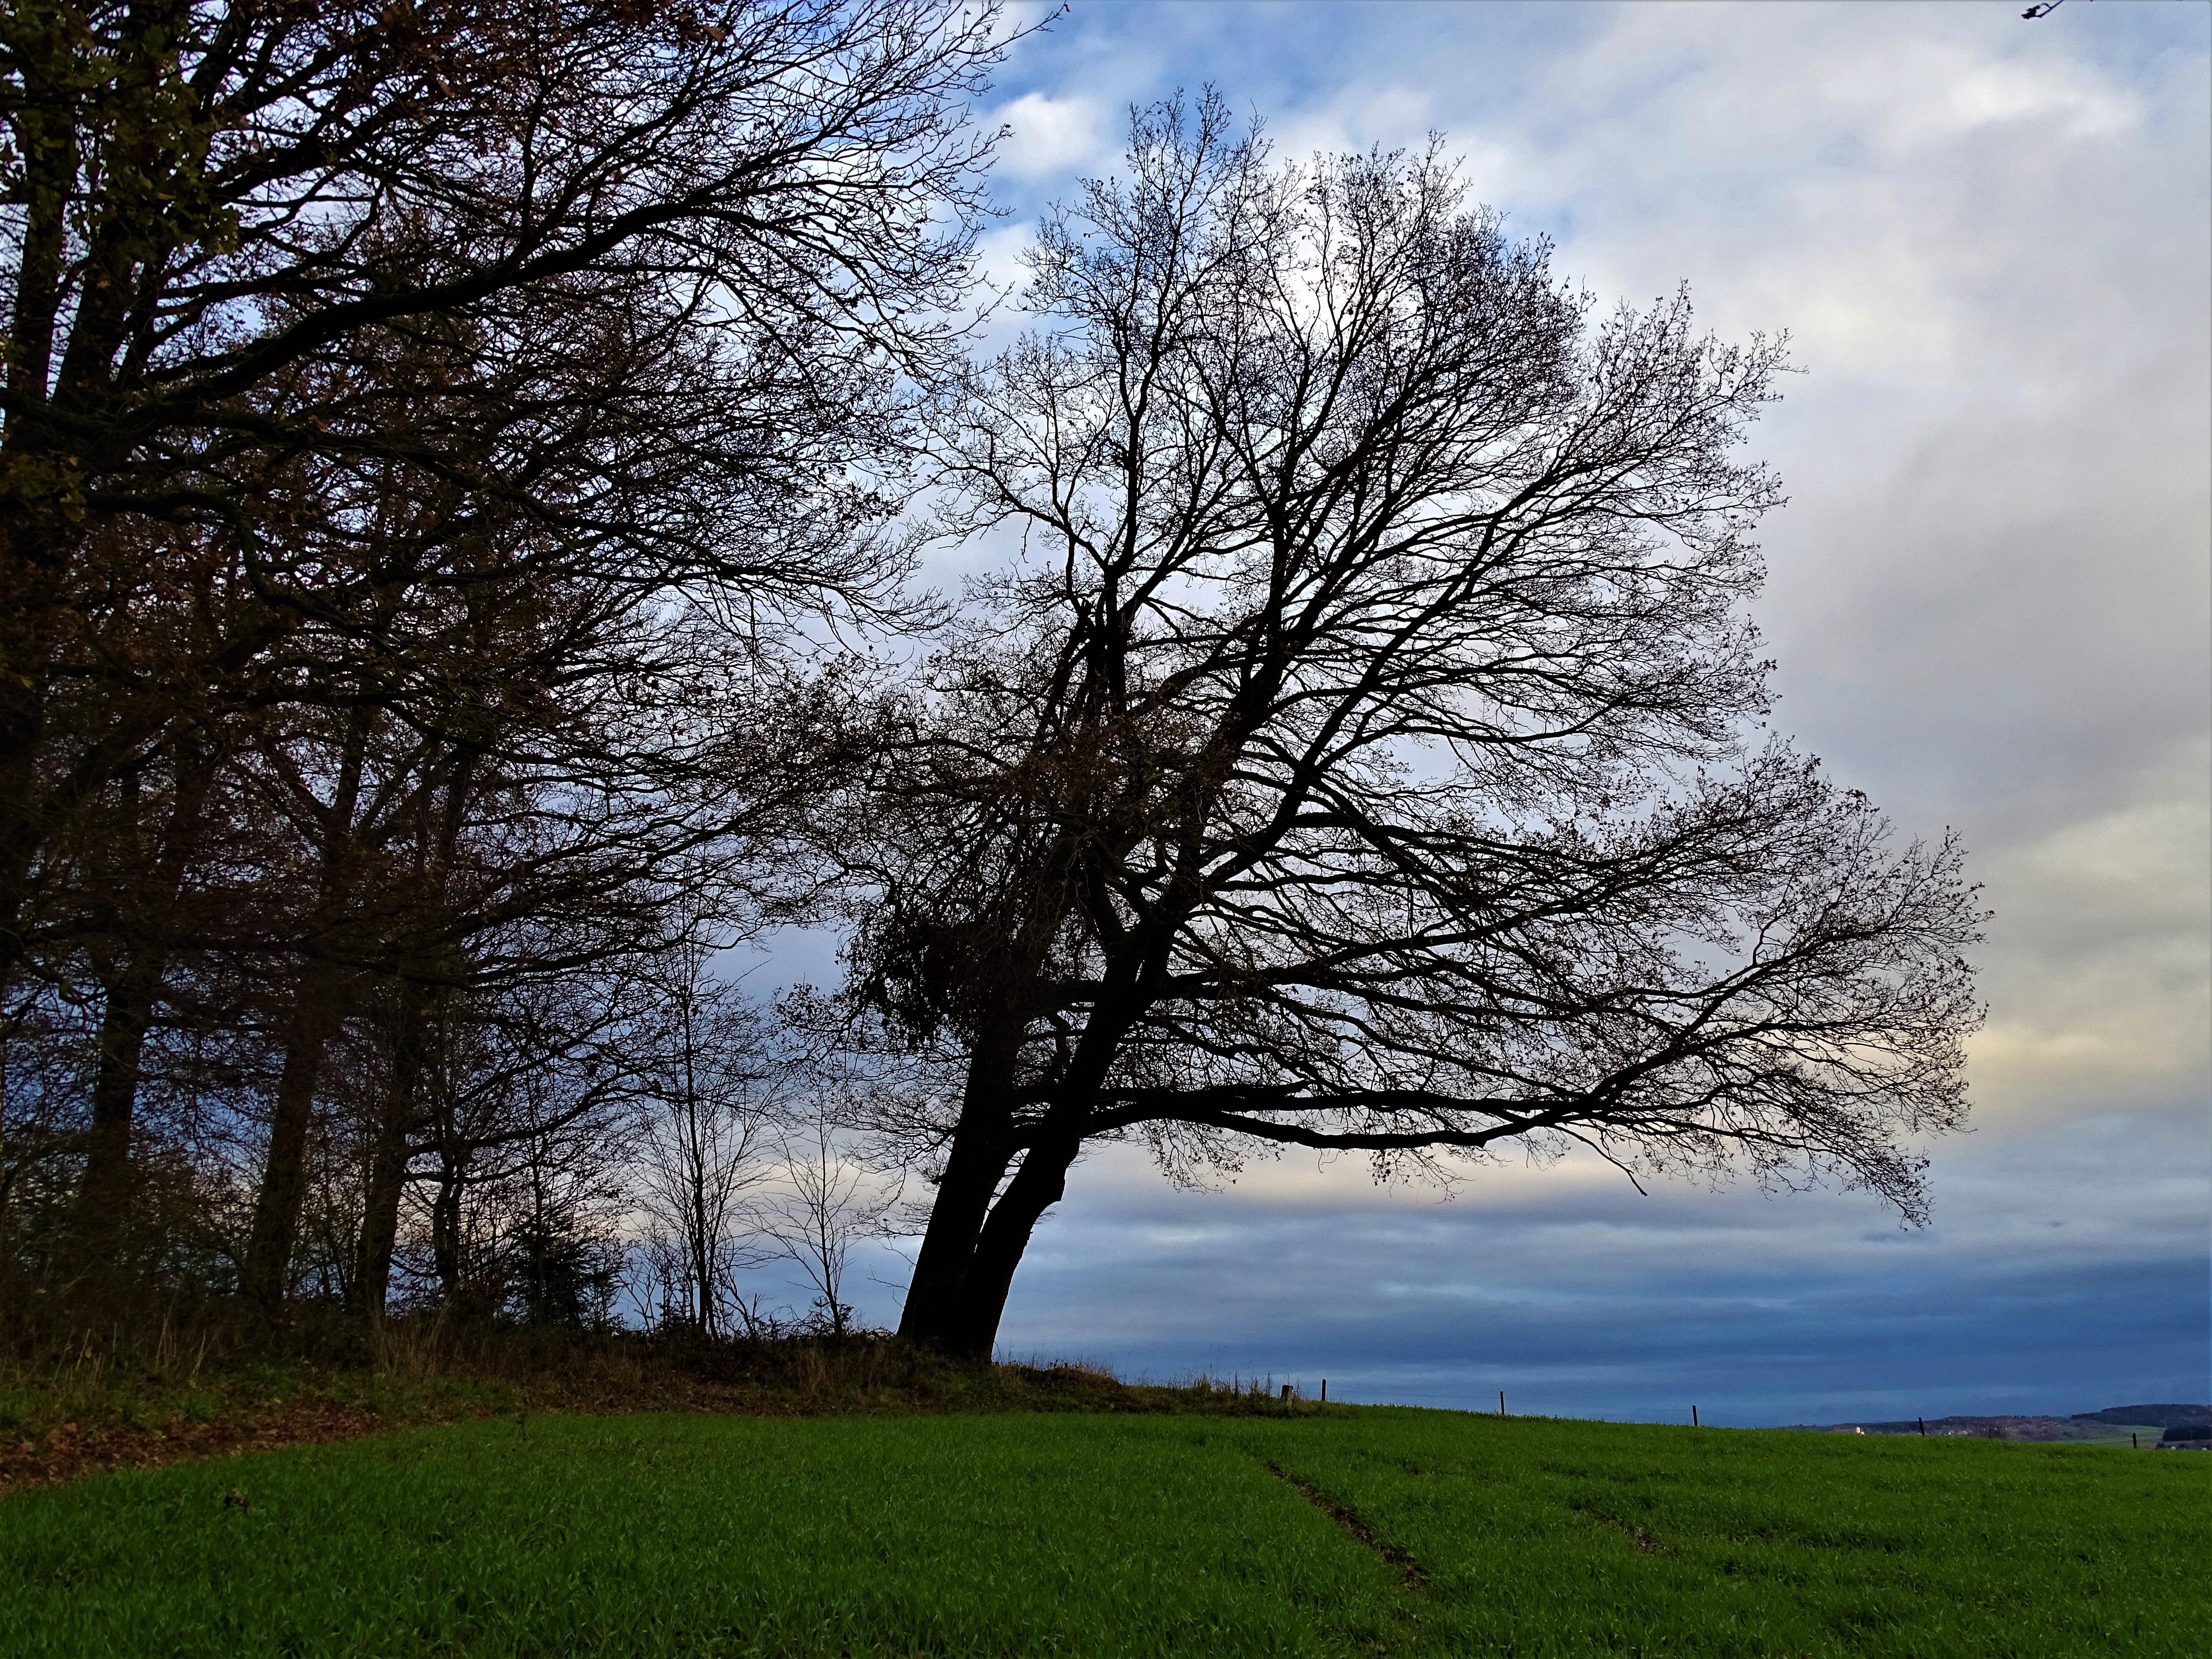 Lugenzwald-Bad Birnbach